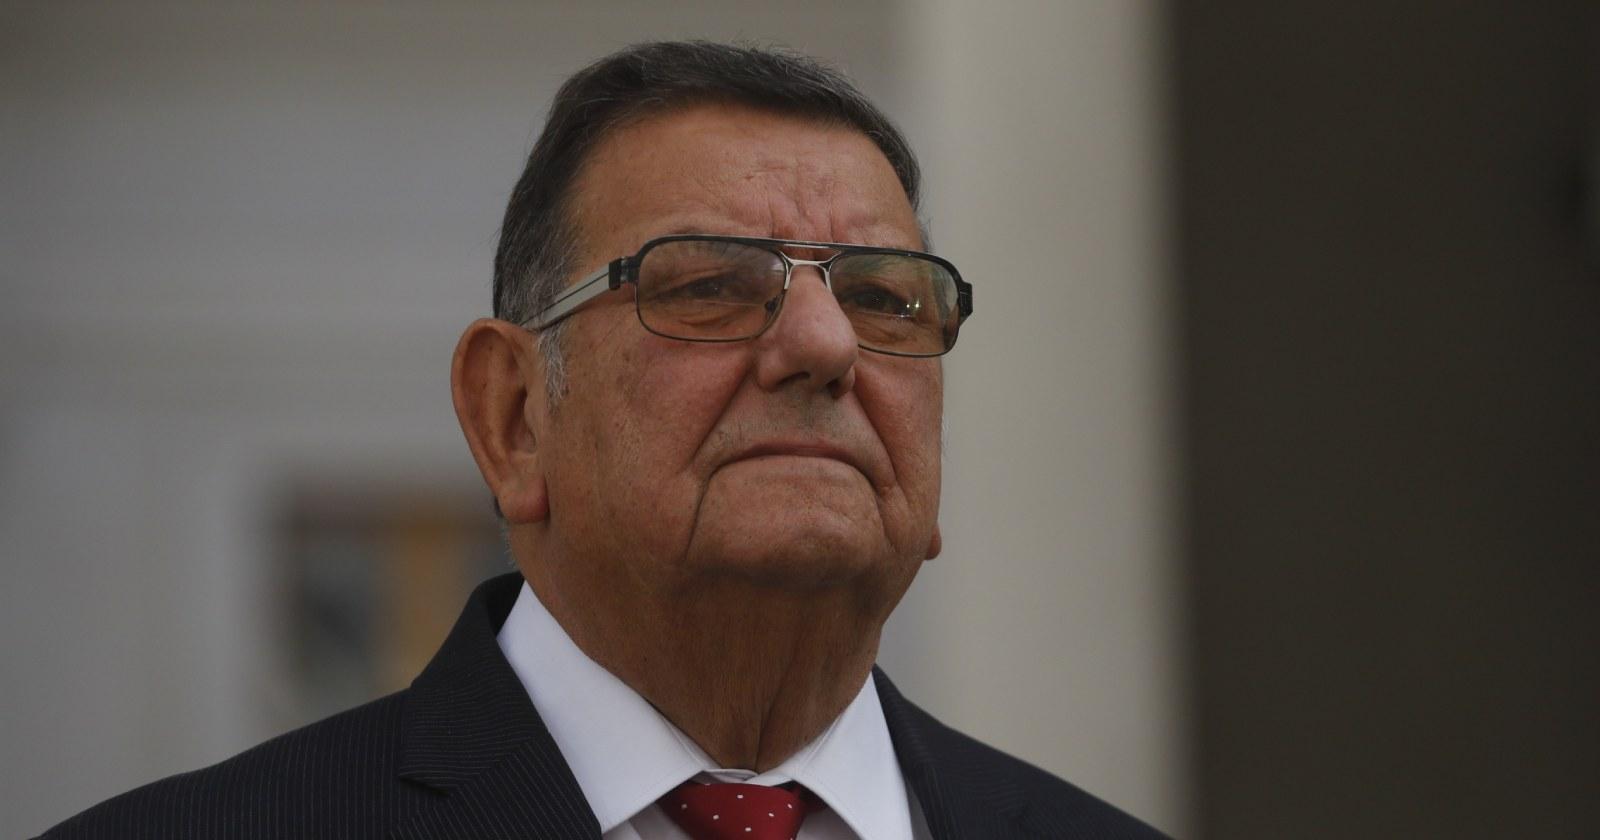 Fiscalía investigará a Quinteros por viajar siendo sospechoso Covid-19